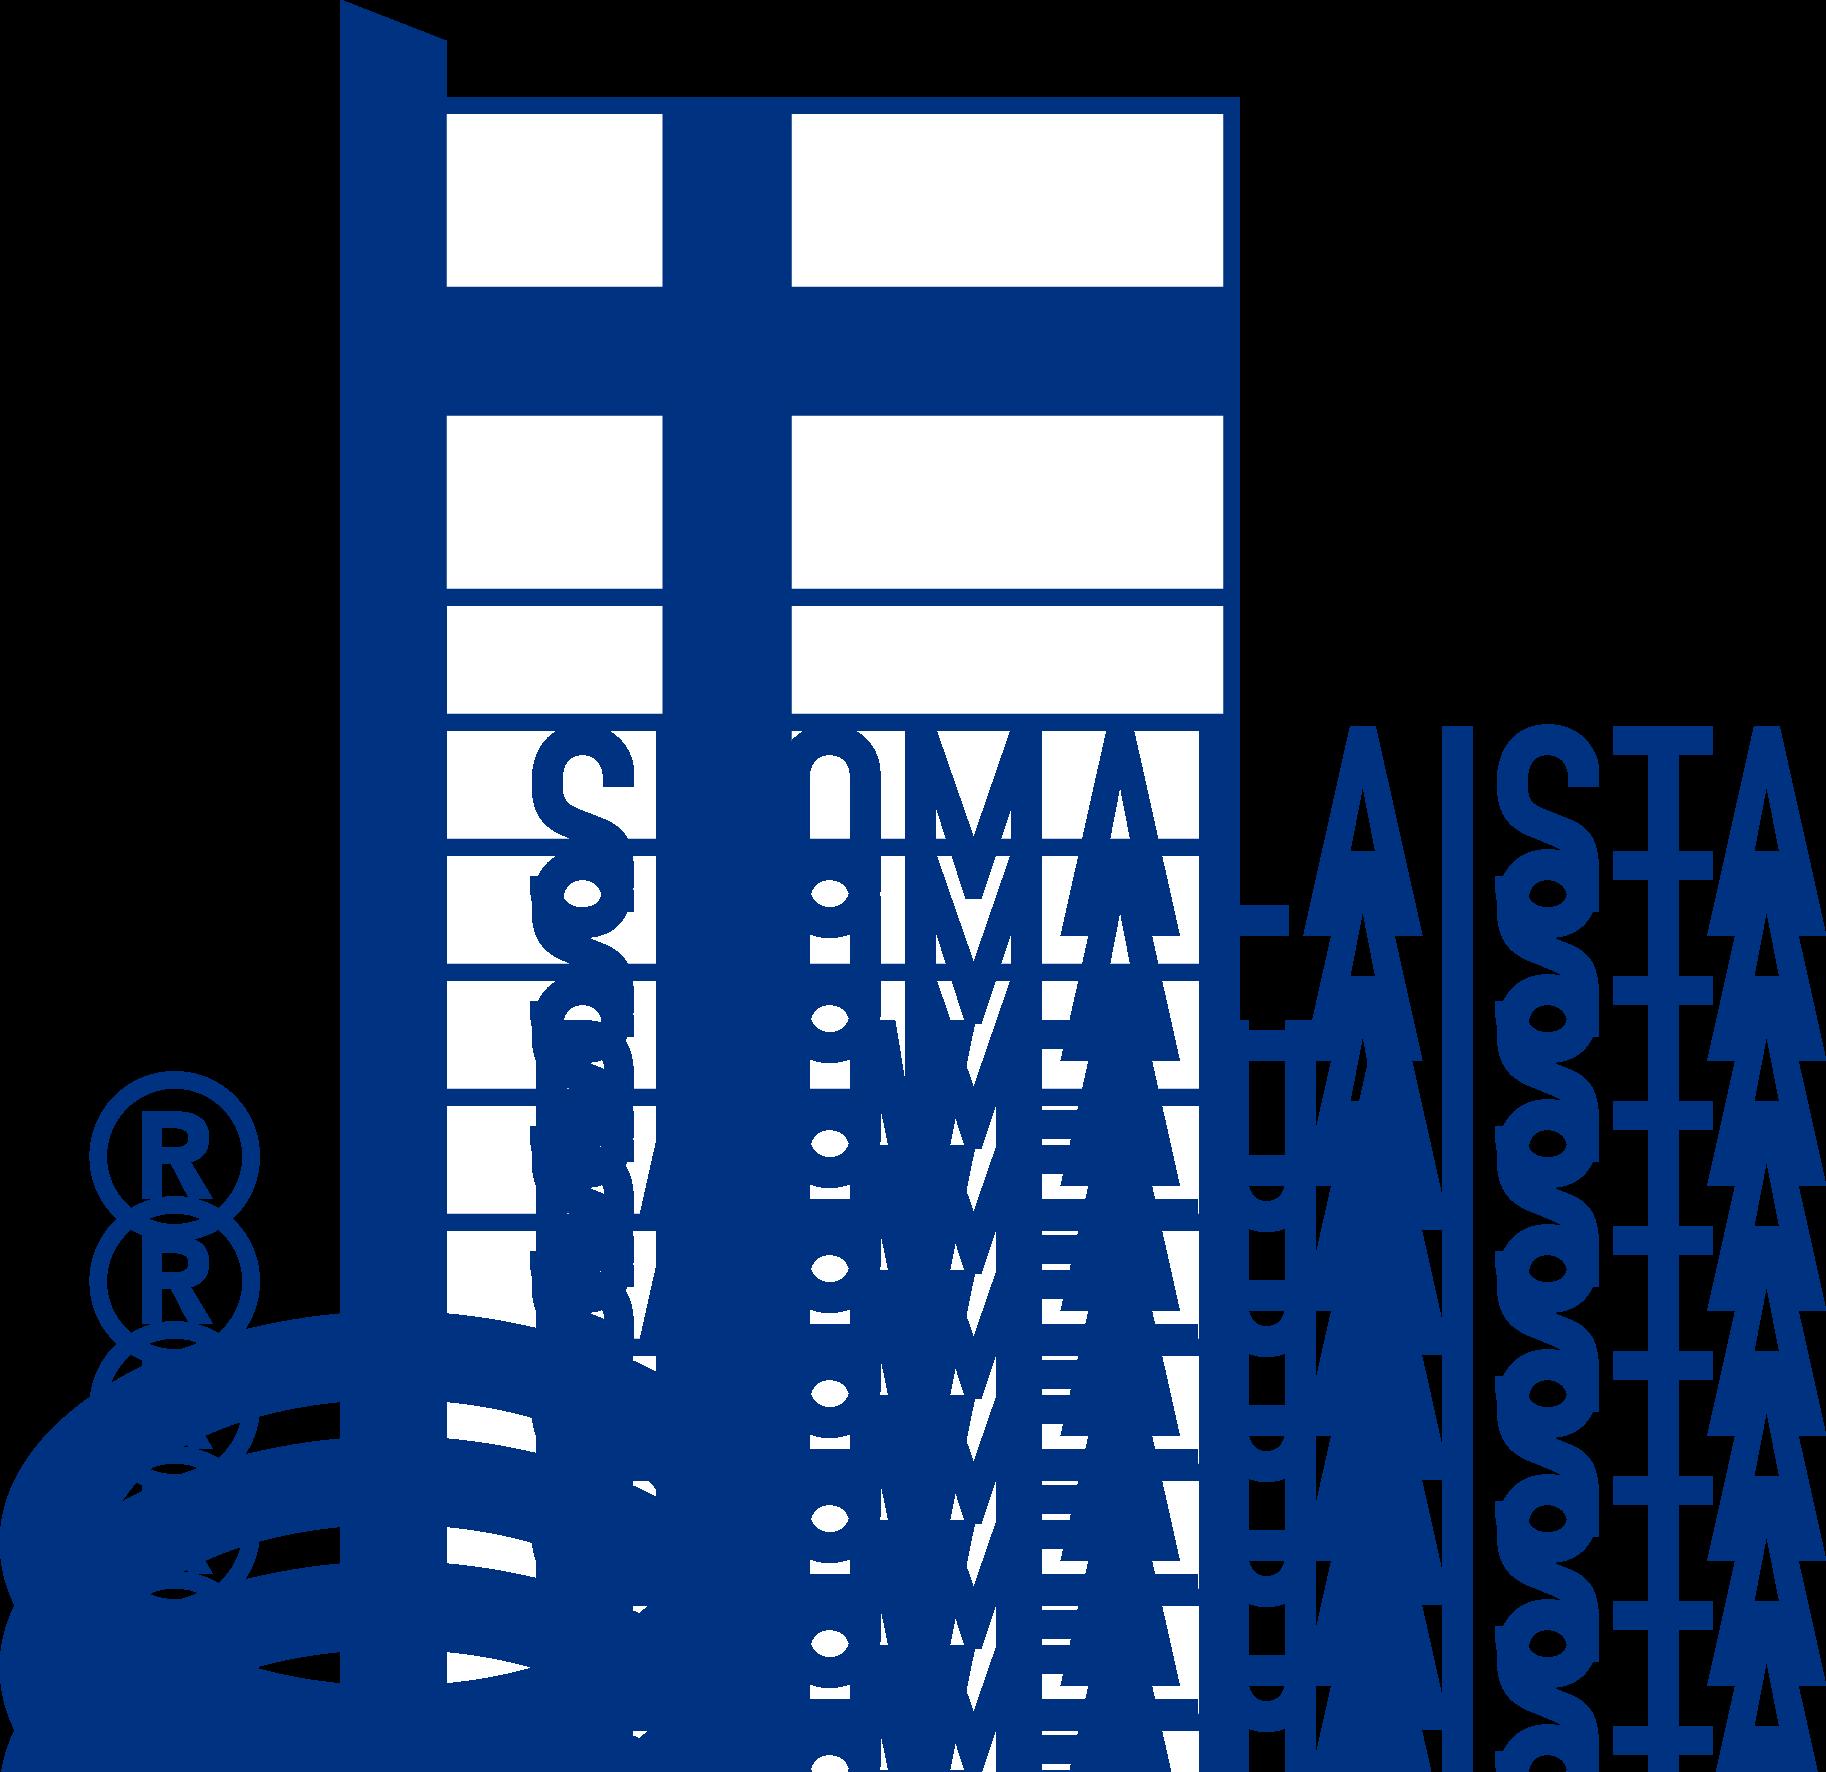 Suomalaista palvelua, kotimainen, avainlippu, suomalaista työtä